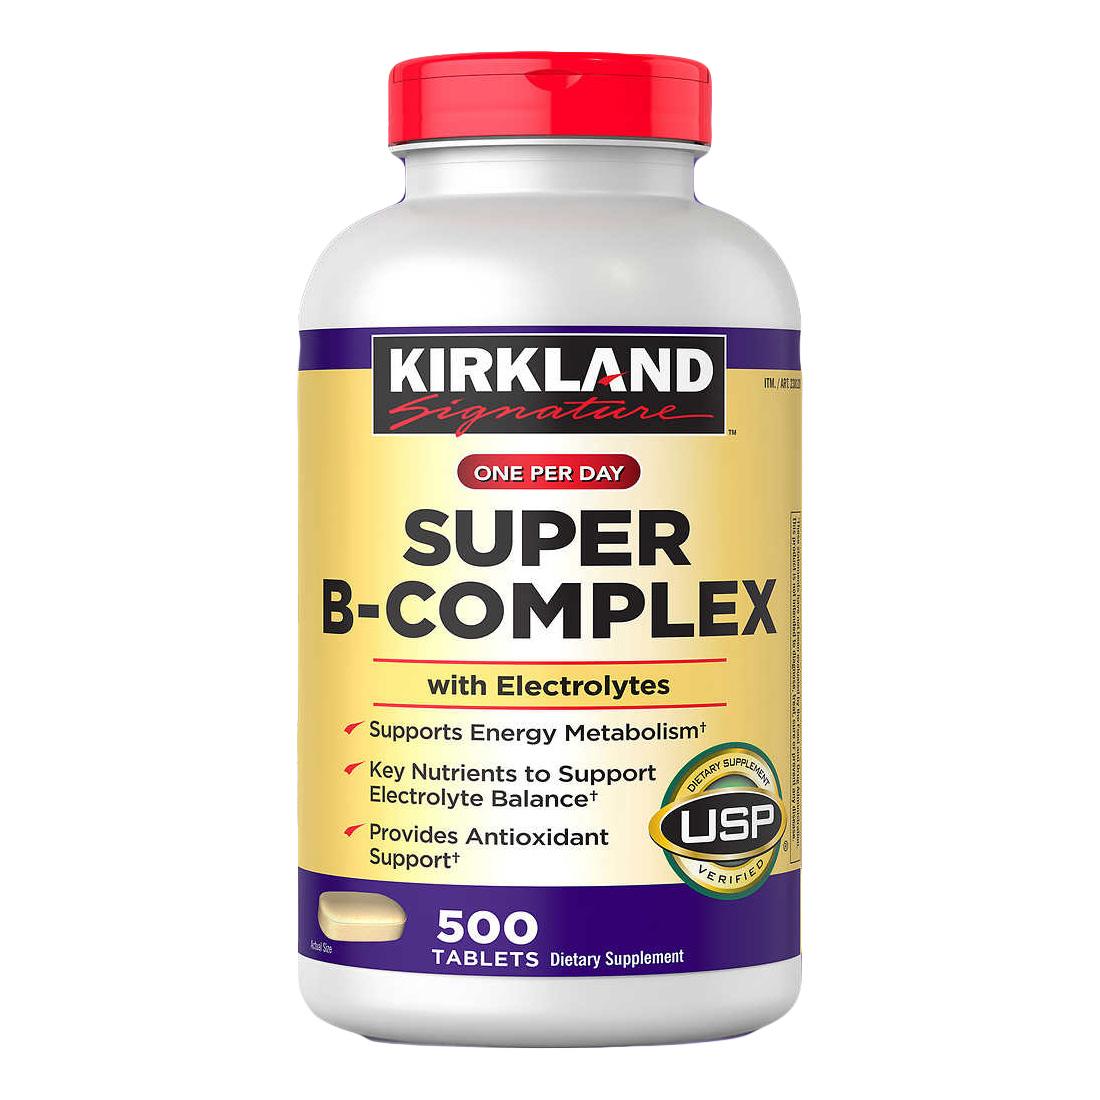 커클랜드 슈퍼 B 컴플렉스 500정 (타블렛) Kirkland Signature Super Complex 500tabs, 1개